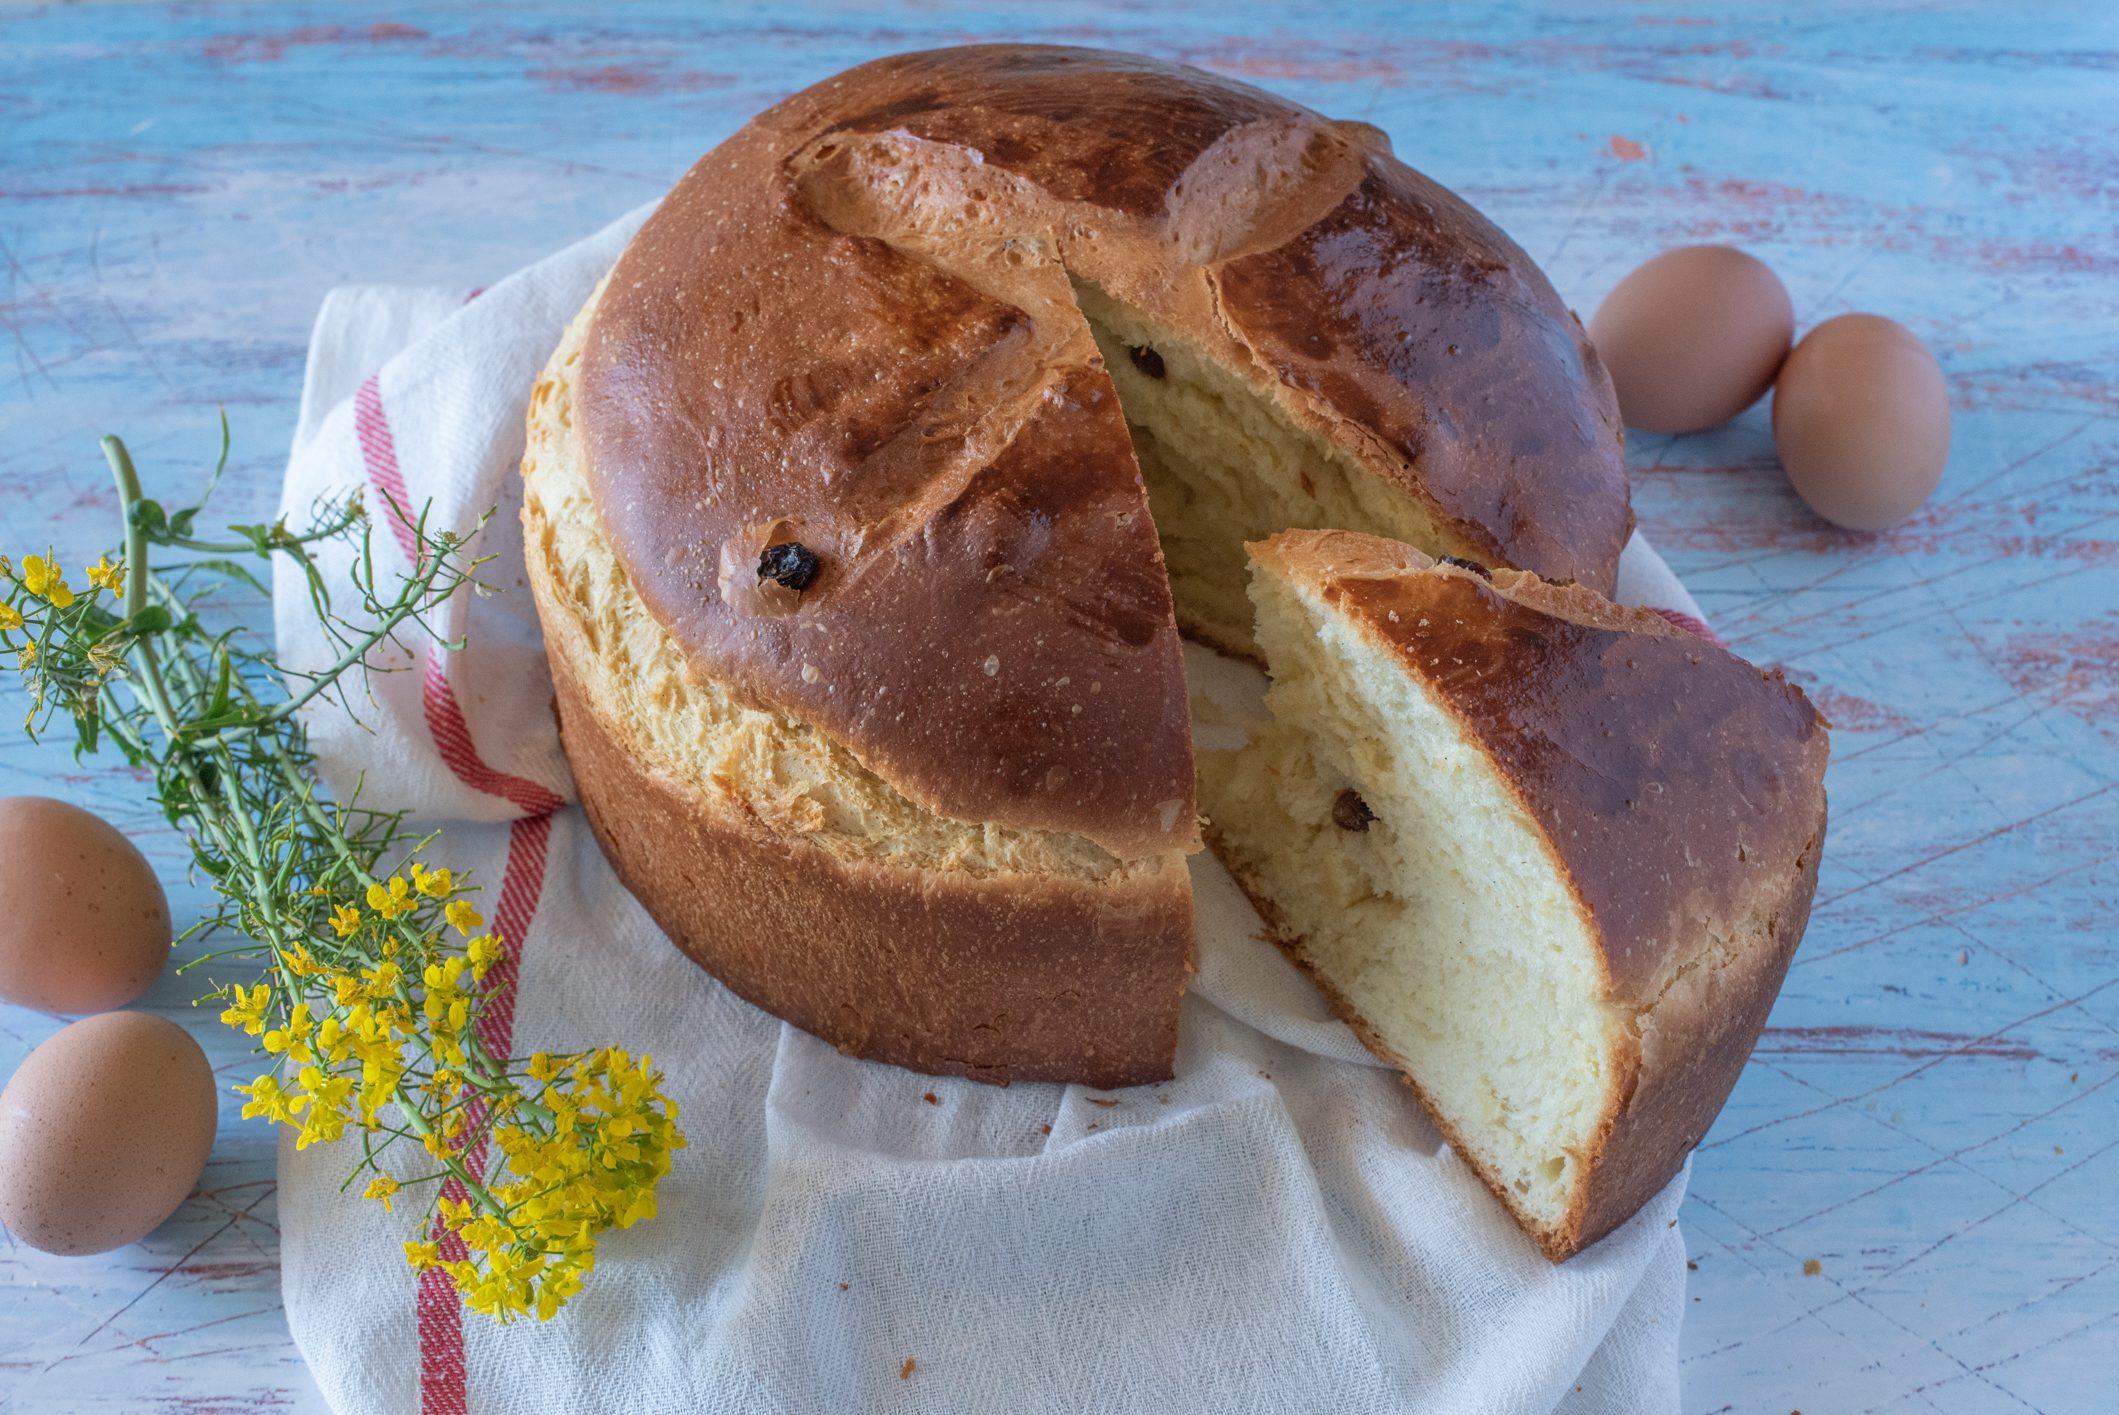 Pasimata della Garfagnana: la ricetta del lievitato pasquale tipico toscano